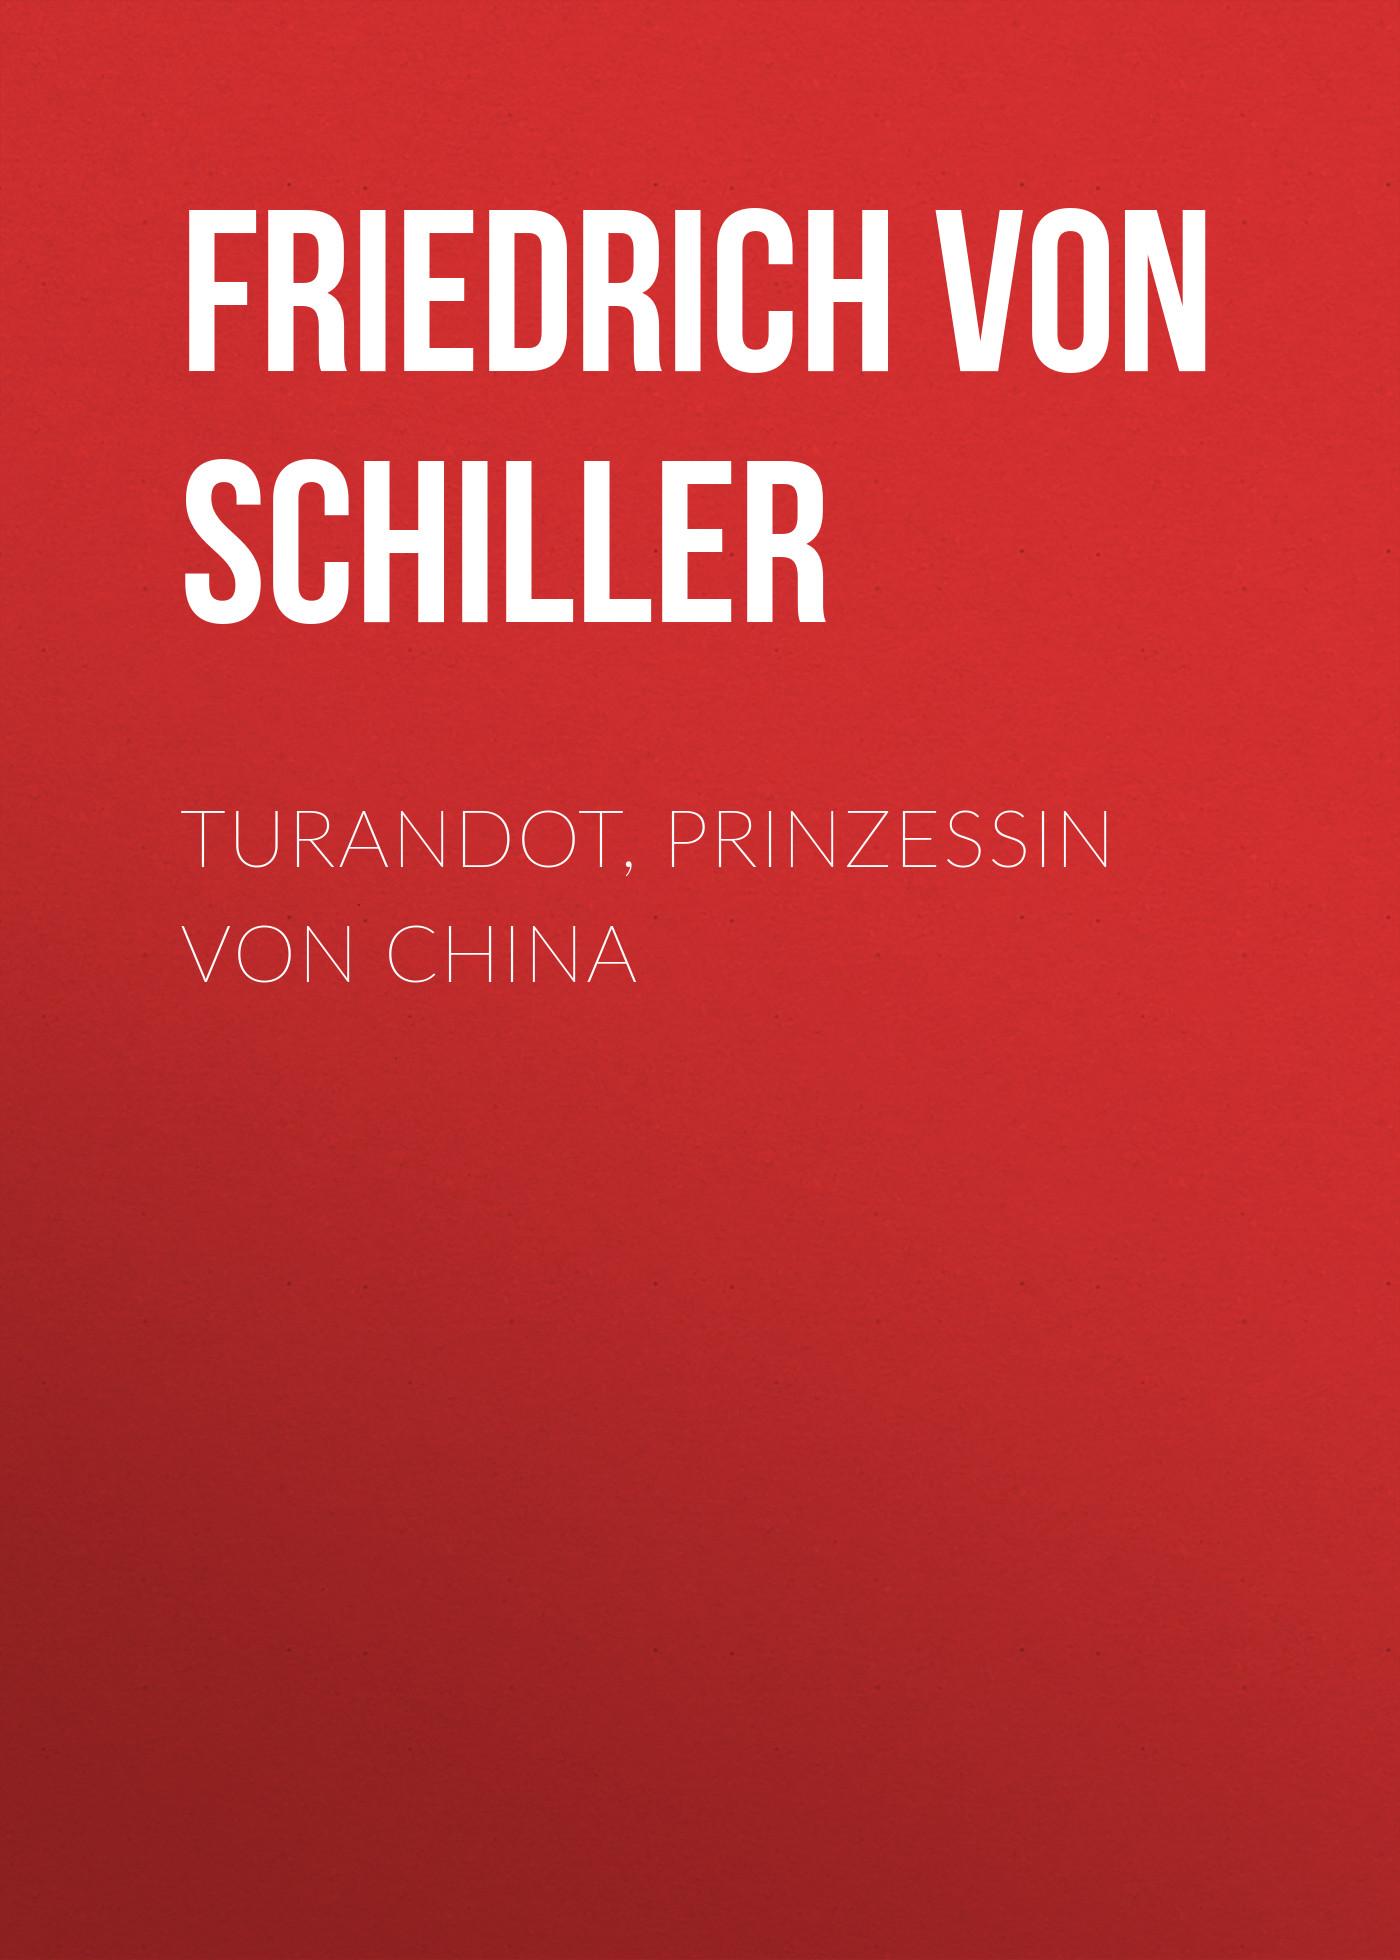 Friedrich von Schiller Turandot, Prinzessin von China friedrich von schiller wilhelm tell